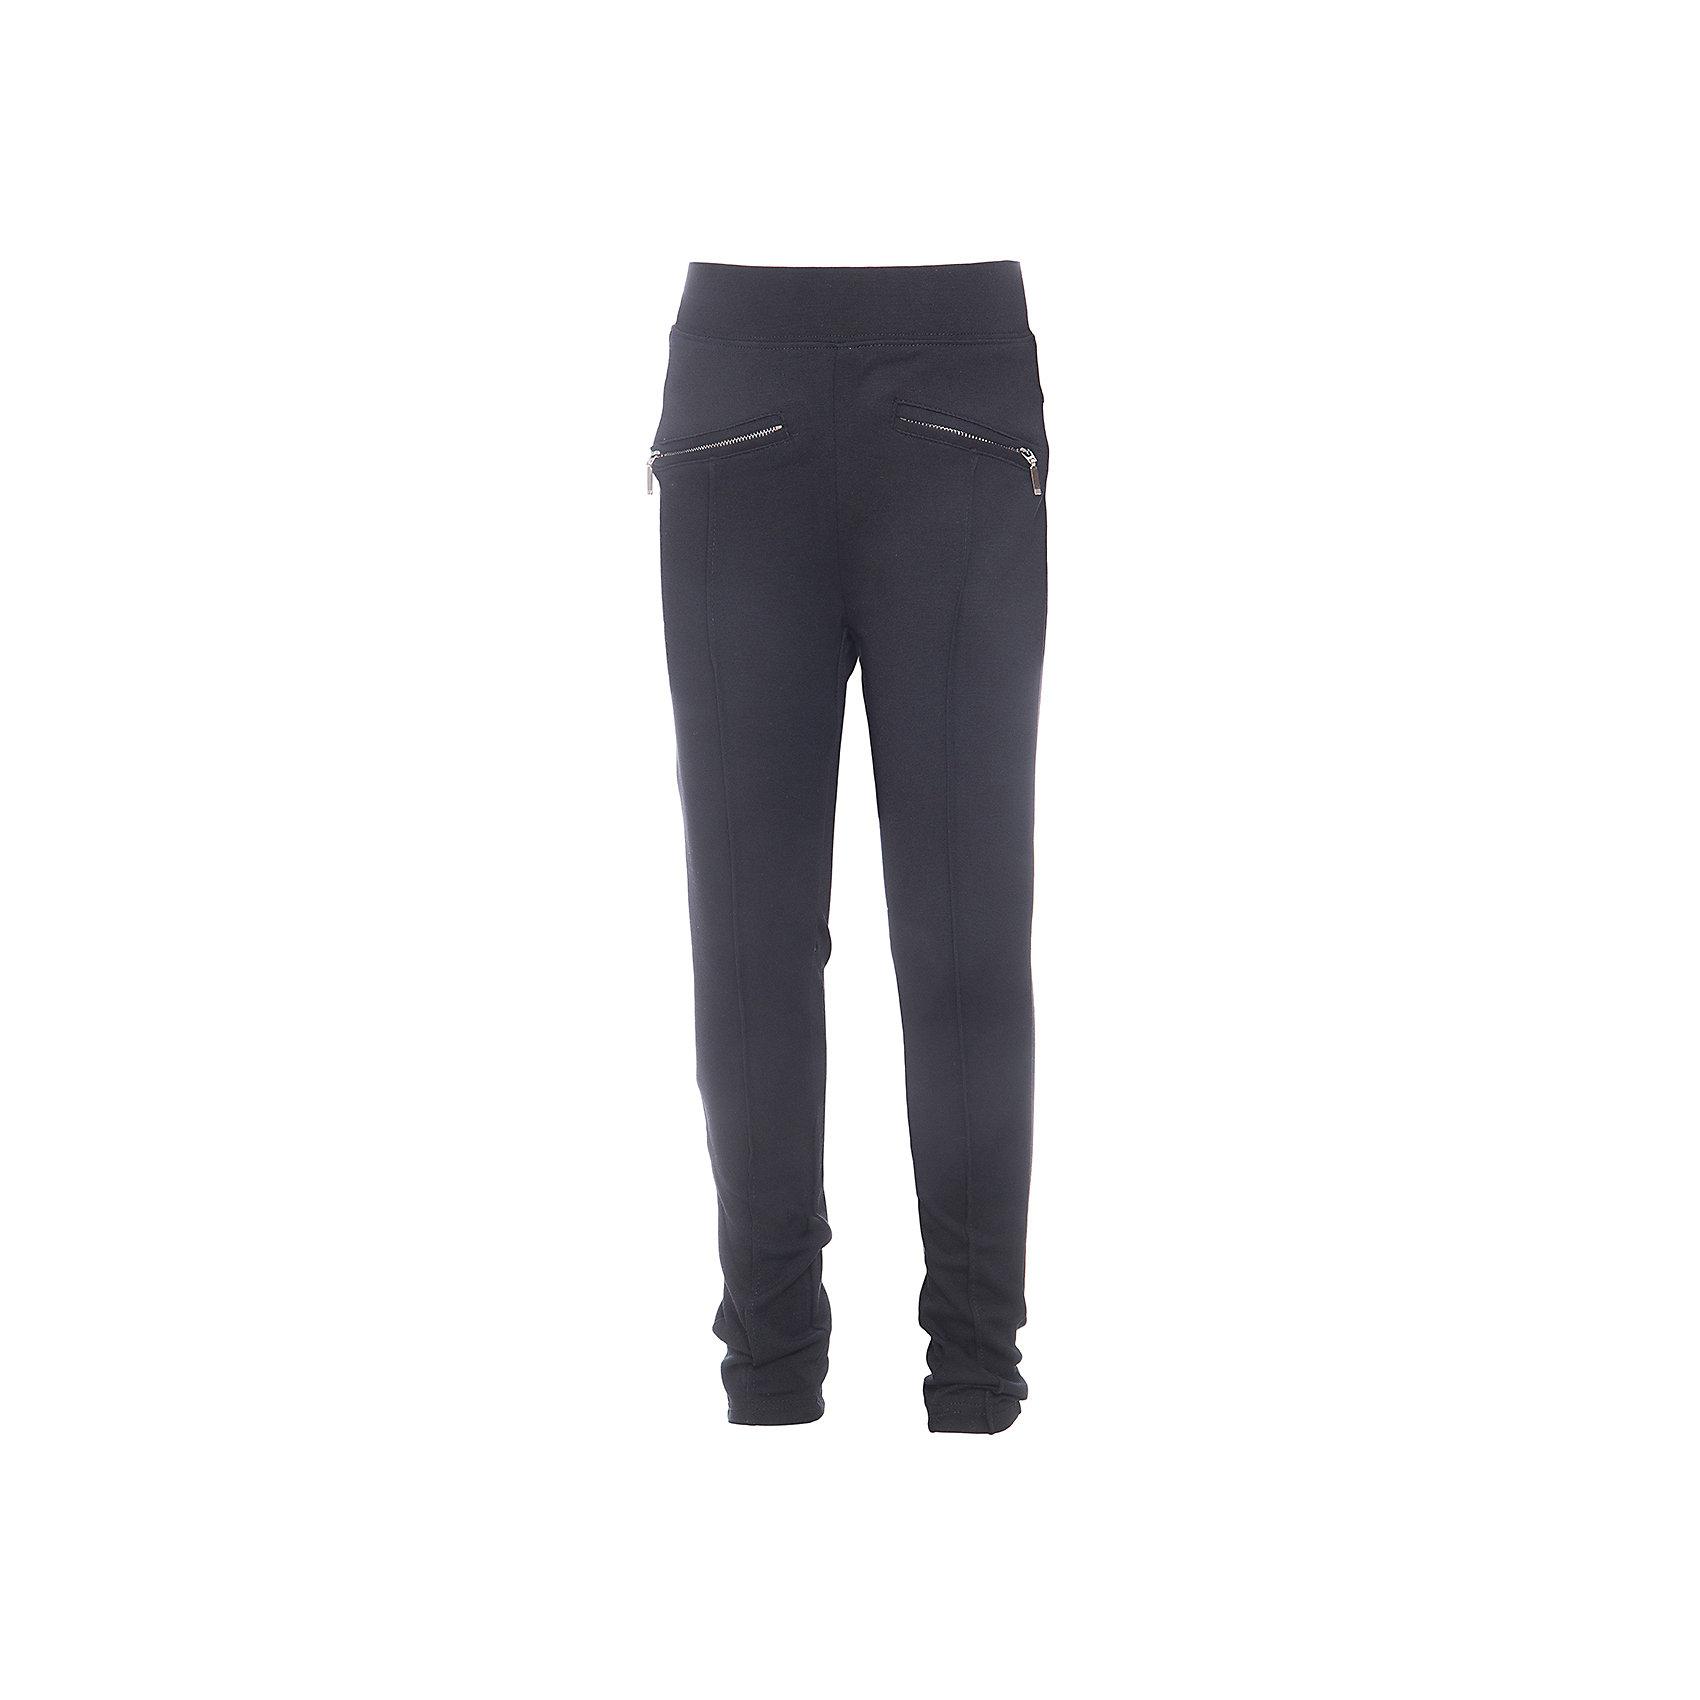 Брюки для девочки LuminosoБрюки<br>Брюки для девочки от известного бренда Luminoso<br>Стильные брюки прямого покроя с декоративными рельефными  стрелками и молниям. Модель выполнена из эластичного трикотажа высокого качества, в пояс вставлена резинка, поэтому в них будет комфортно и удобно. Классические цвета моделей будут гармонировать с любыми предметами гардероба .<br>Состав:<br>65% хлопок, 30% полиэстер,  5% эластан<br><br>Ширина мм: 215<br>Глубина мм: 88<br>Высота мм: 191<br>Вес г: 336<br>Цвет: черный<br>Возраст от месяцев: 84<br>Возраст до месяцев: 96<br>Пол: Женский<br>Возраст: Детский<br>Размер: 128,158,164,134,152,146,140<br>SKU: 4812096